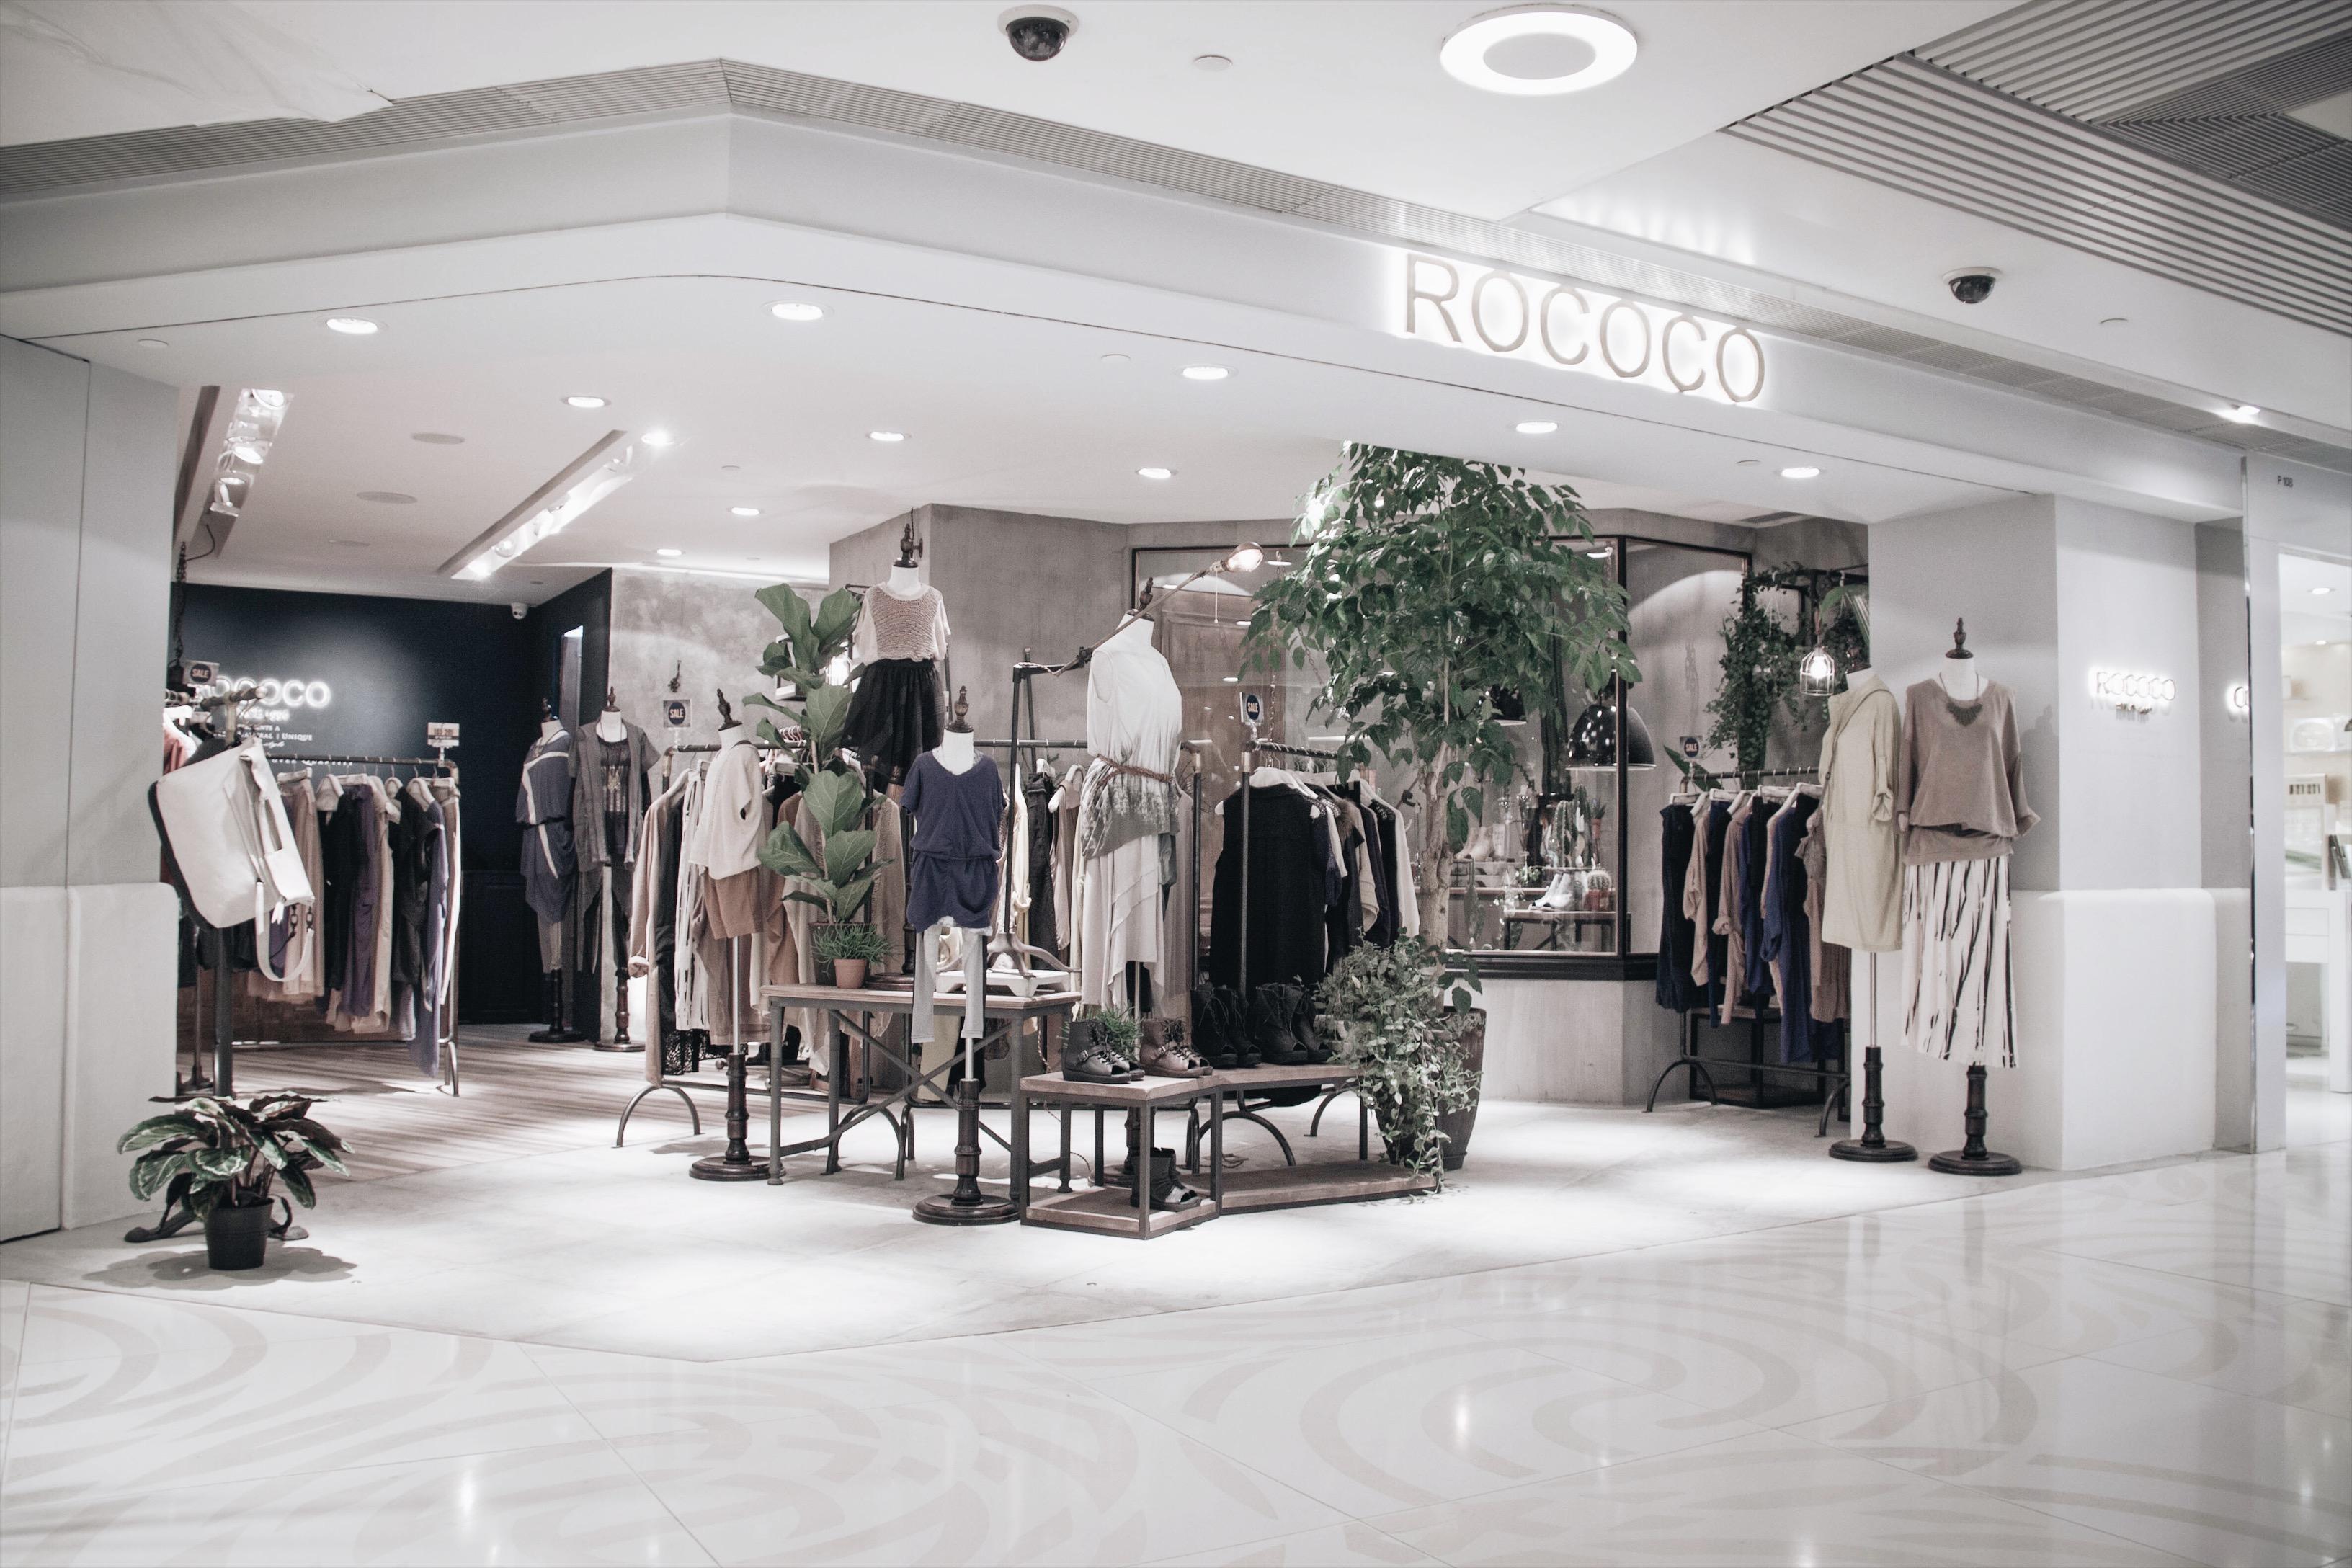 ROCOCO FASHION STORE - Interior Design &